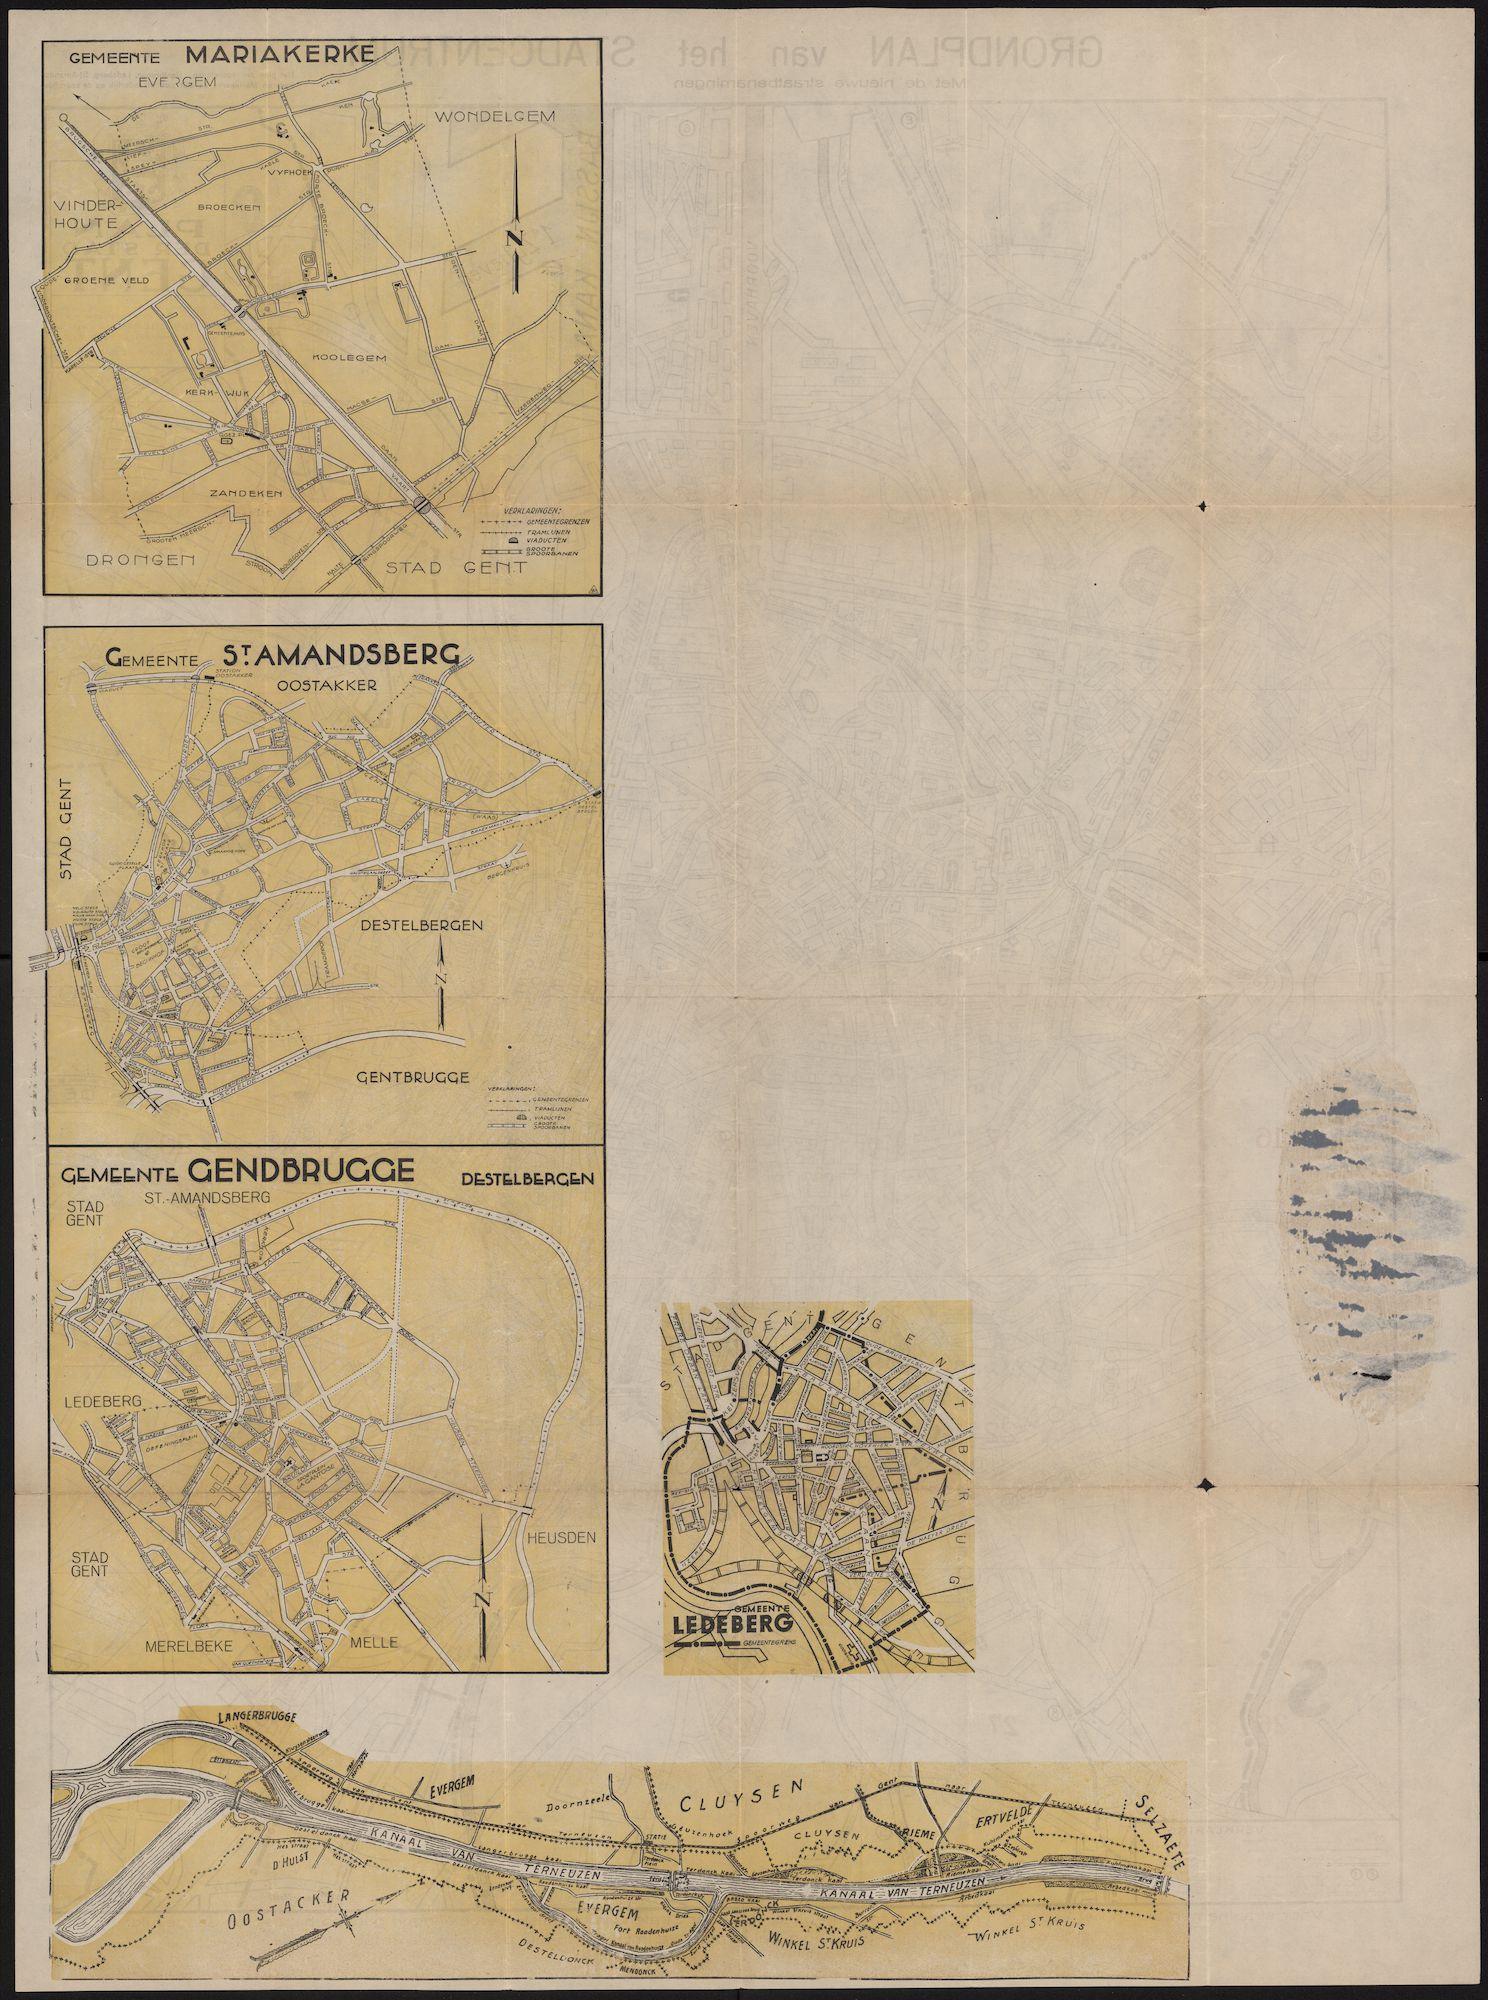 Kaarten van Mariakerke, Ledeberg, Gentbrugge en Sint-Amandsberg, randgemeenten van Gent, en van de haven van Gent, c.1950